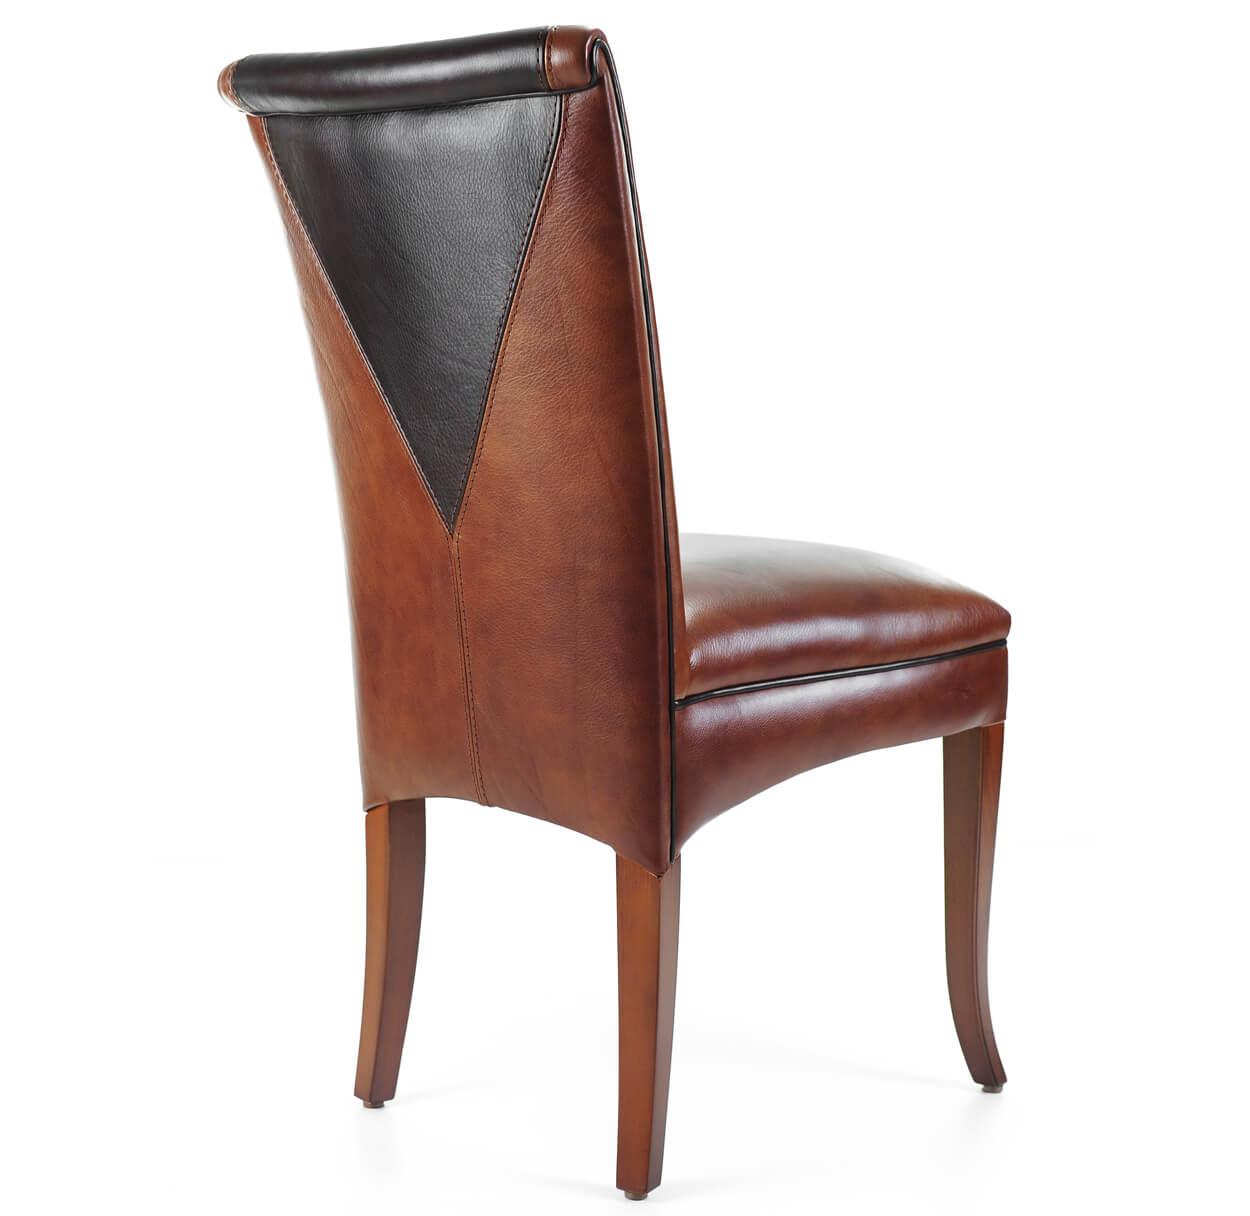 47252 - een echte Mulleman meubelen klassieker!